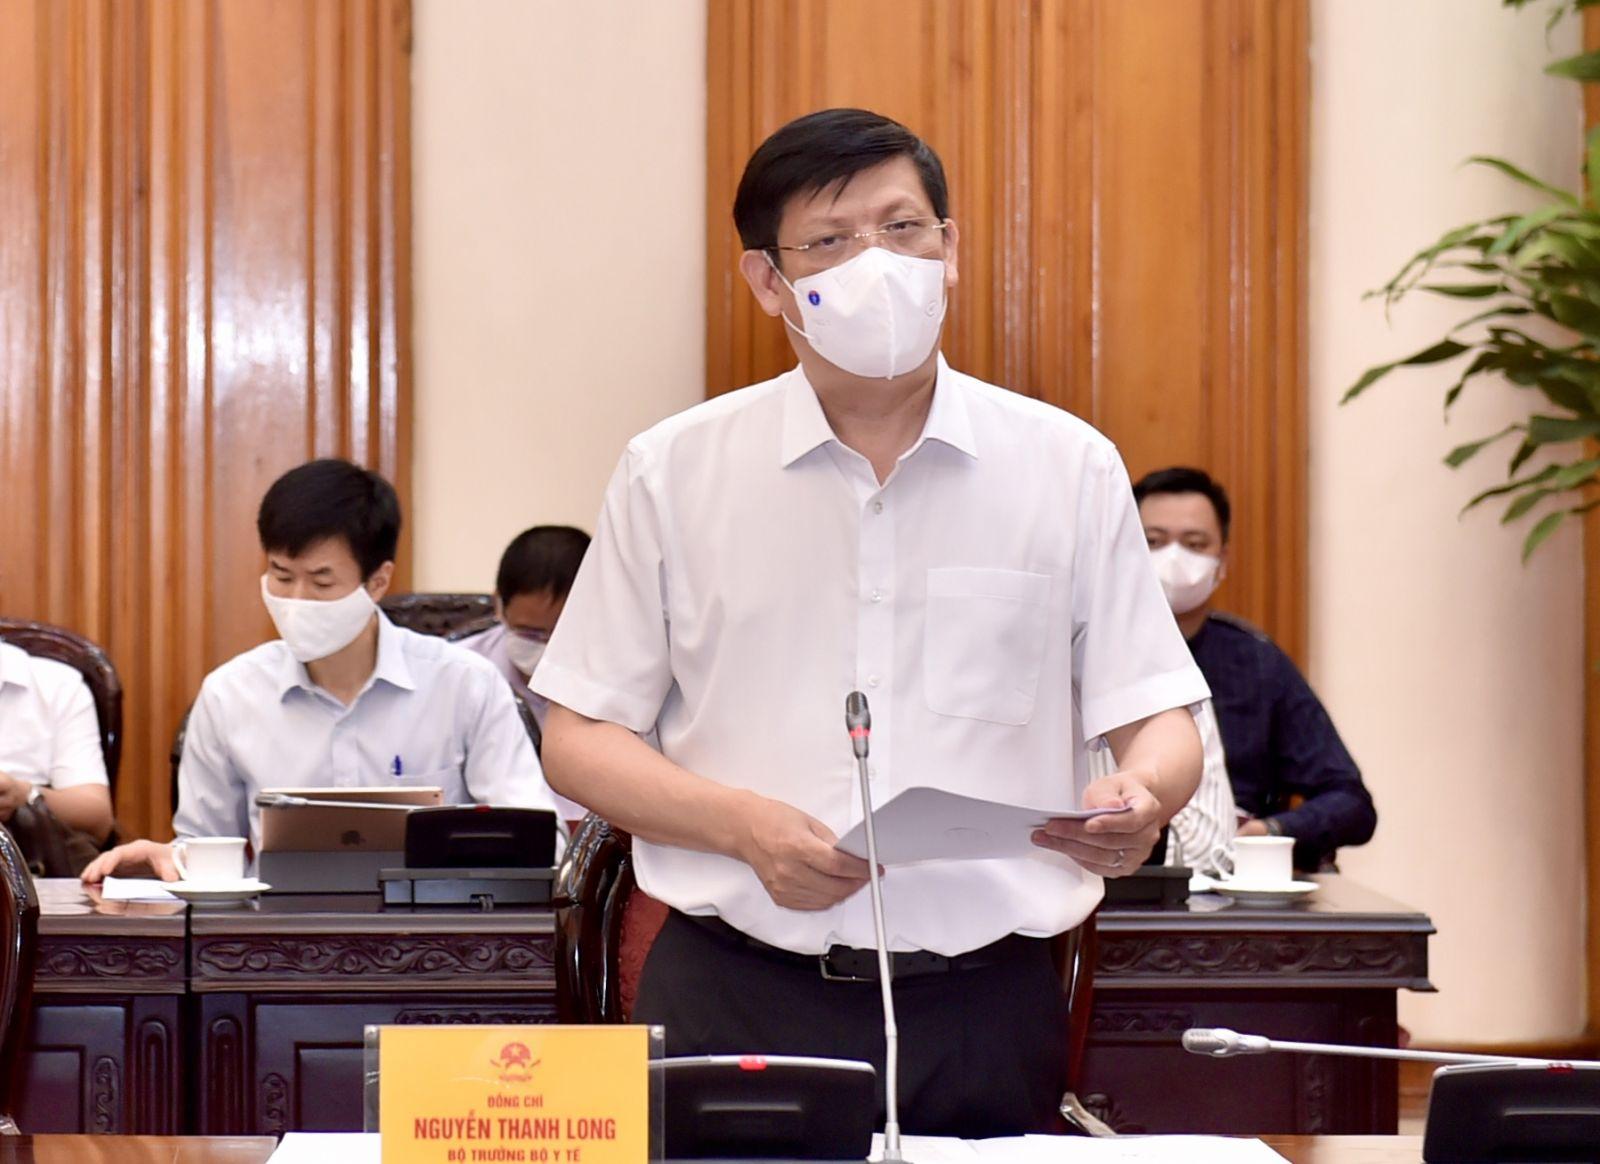 Bộ trưởng Y tế Nguyễn Thanh Long nêu các nhiệm vụ cấp bách trong thời gian tới và các kiến nghị, đề xuất với Chính phủ, Thủ tướng Chính phủ. Ảnh VGP/Nhật Bắc